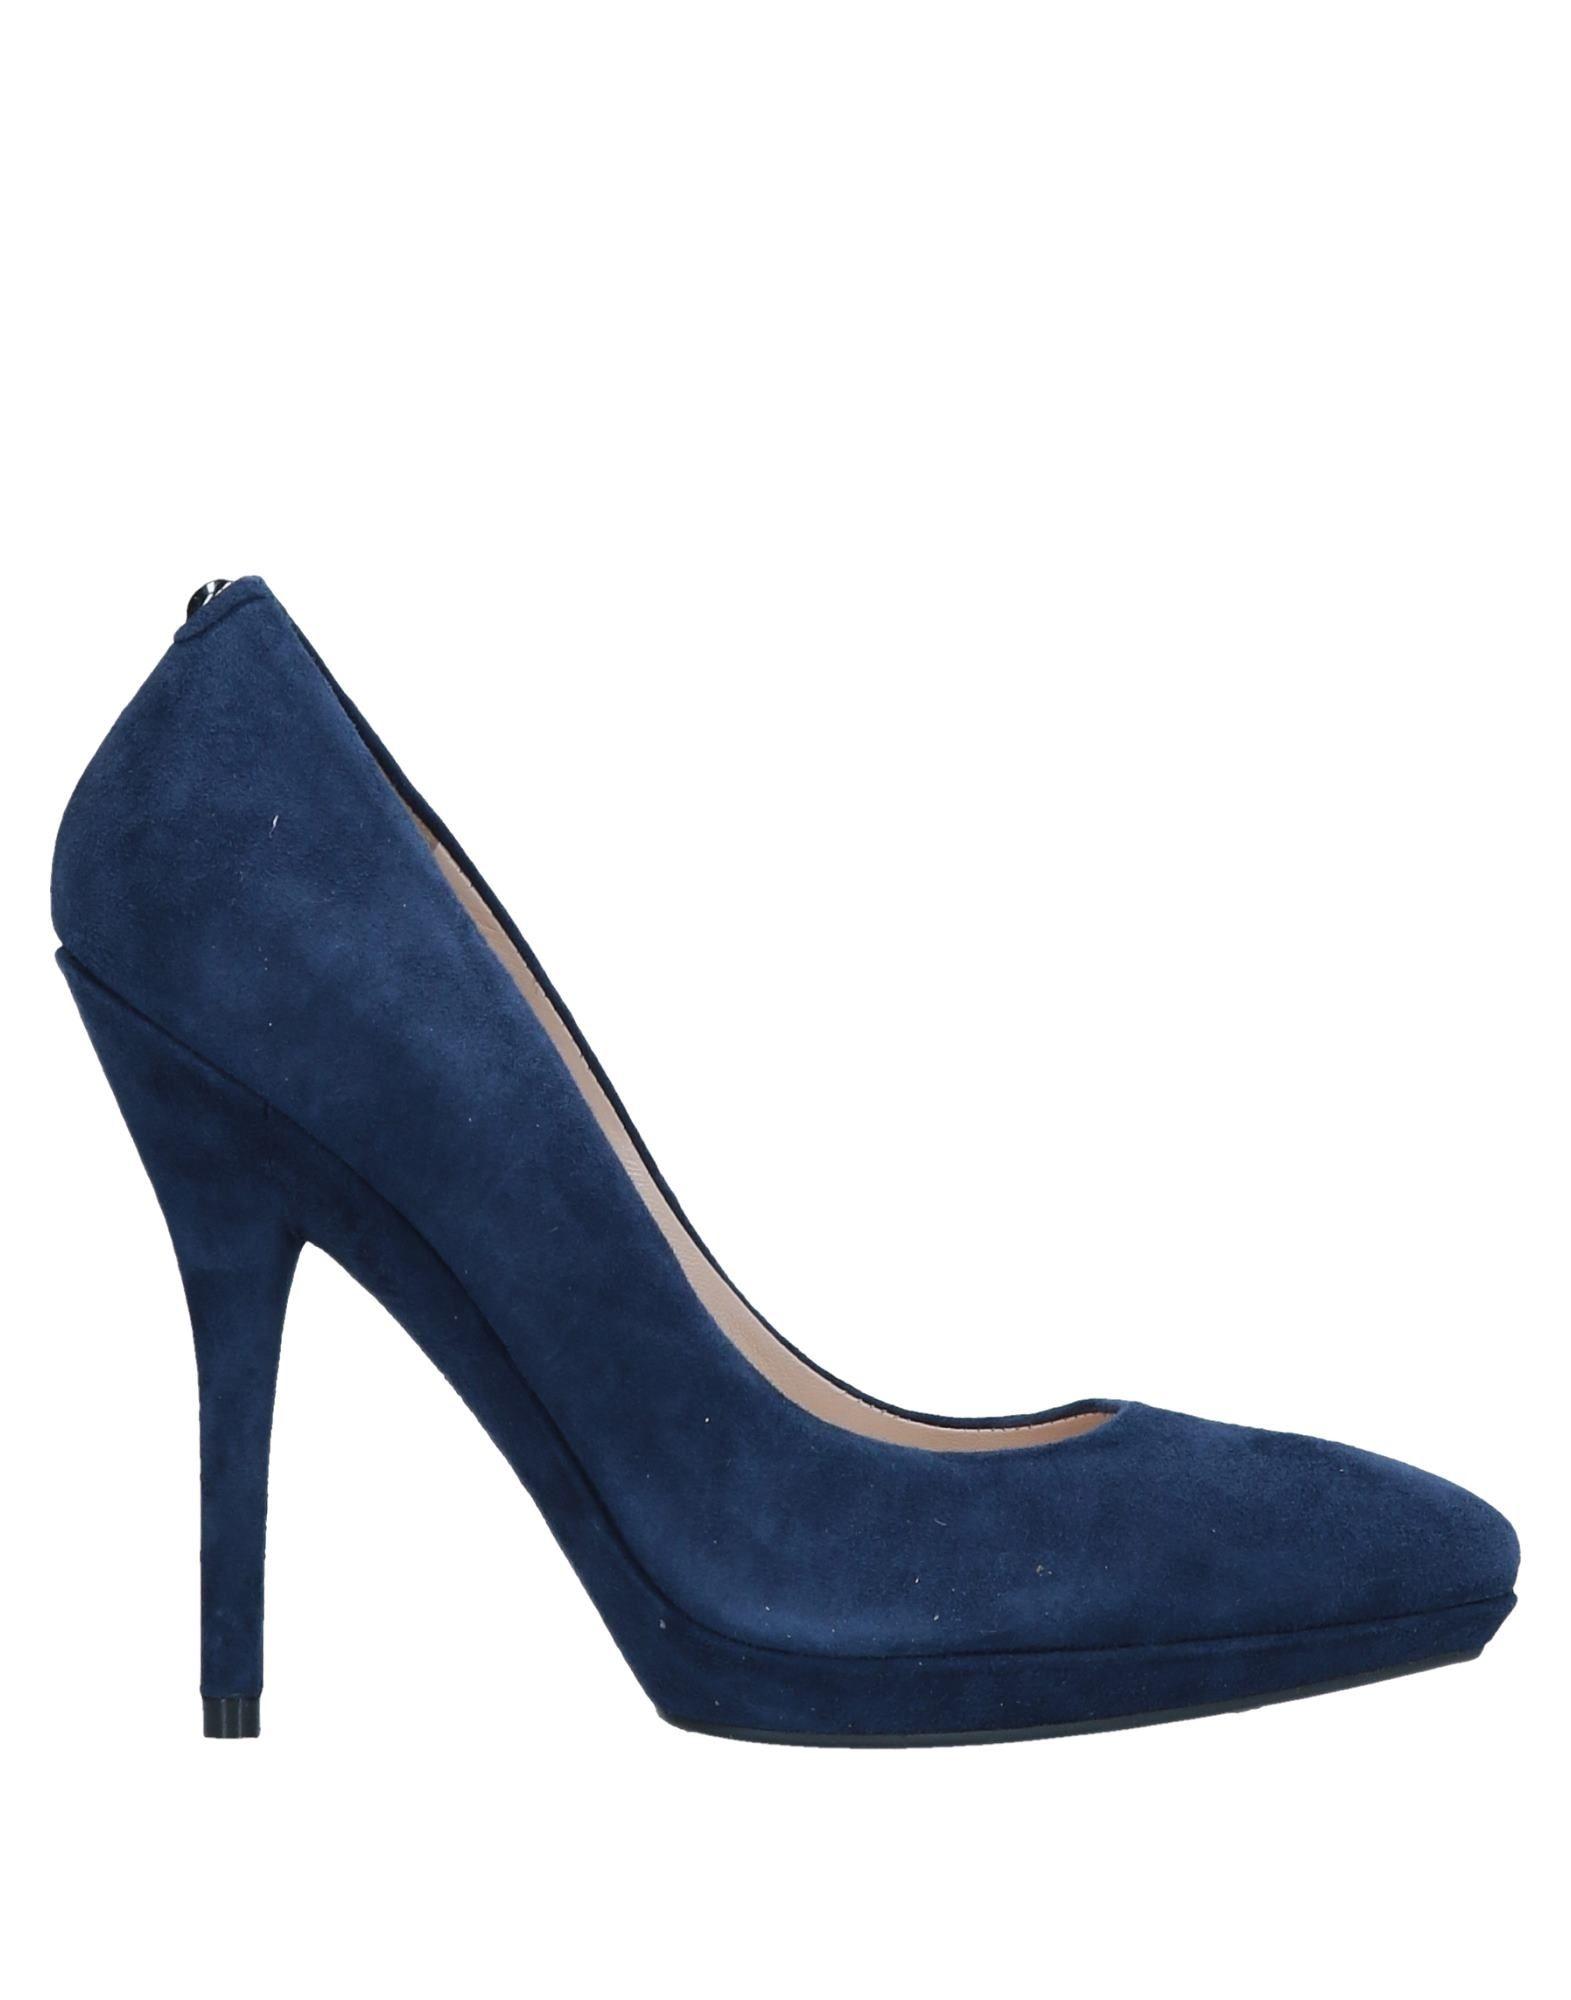 Escarpins Guess By Marciano Femme - Escarpins Guess By Marciano Bleu foncé Dernières chaussures discount pour hommes et femmes